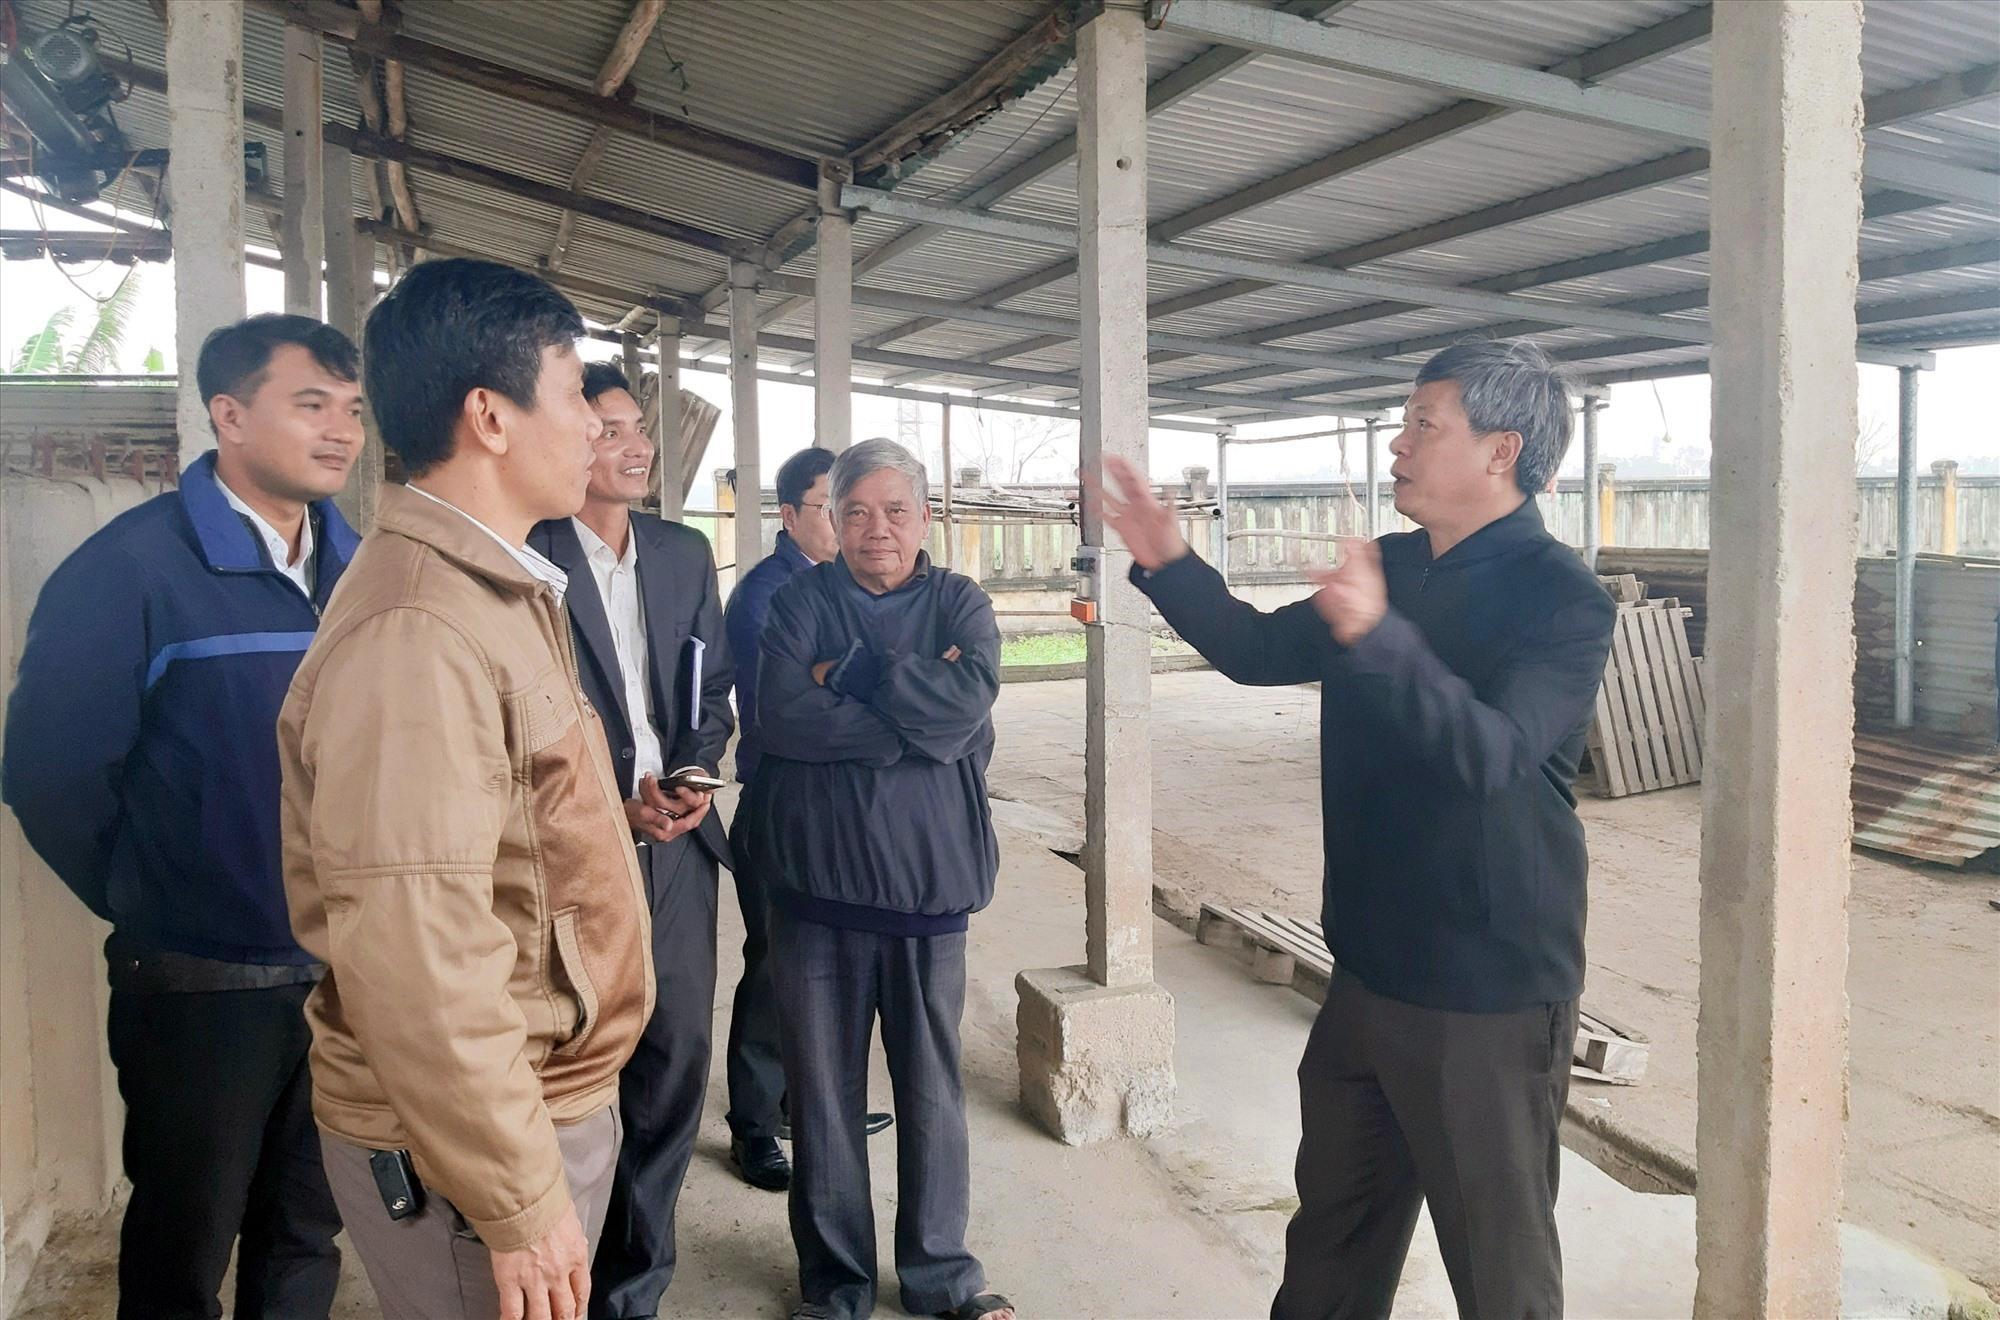 Phó Chủ tịch UBND tỉnh Hồ Quang Bửu và lãnh đạo các ngành liên quan kiểm tra cơ sở hạ tầng của HTX Nông nghiệp 1 Điện Phước (Điện Bàn). Ảnh: Đ.P